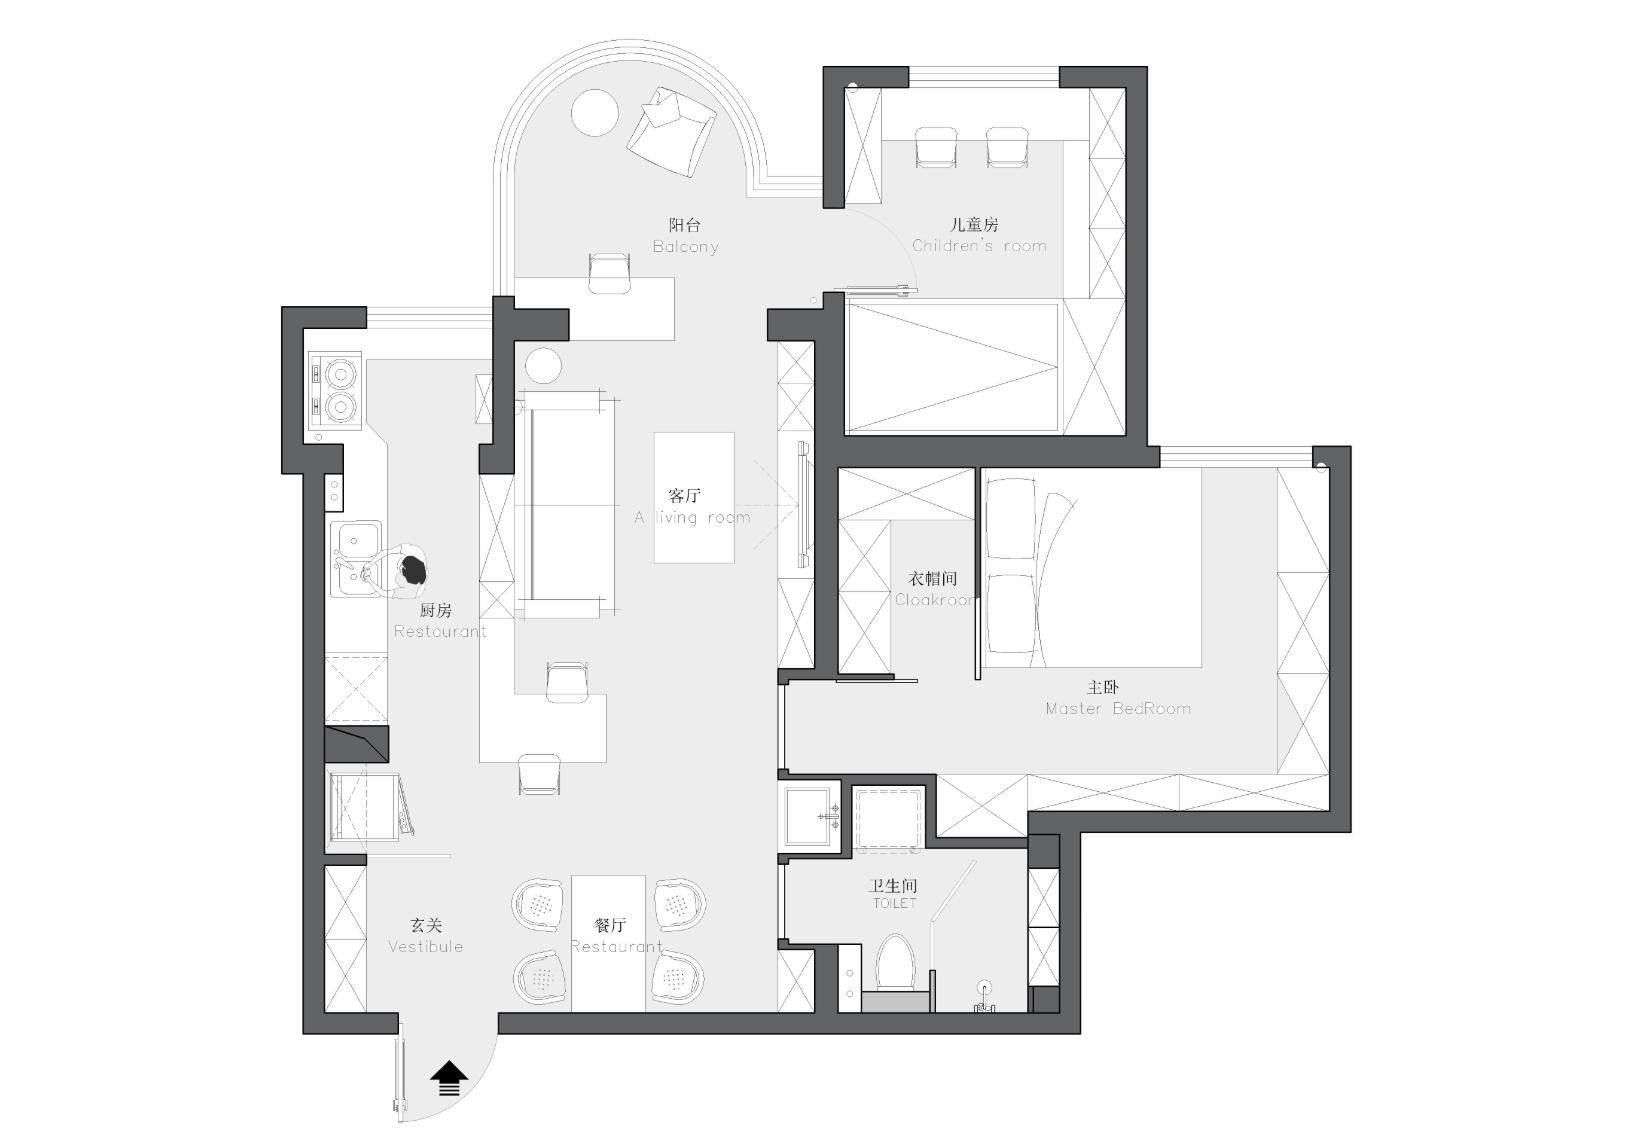 纵然房屋只有82㎡,也抵挡不了一颗想改造的心,设计堪称完美